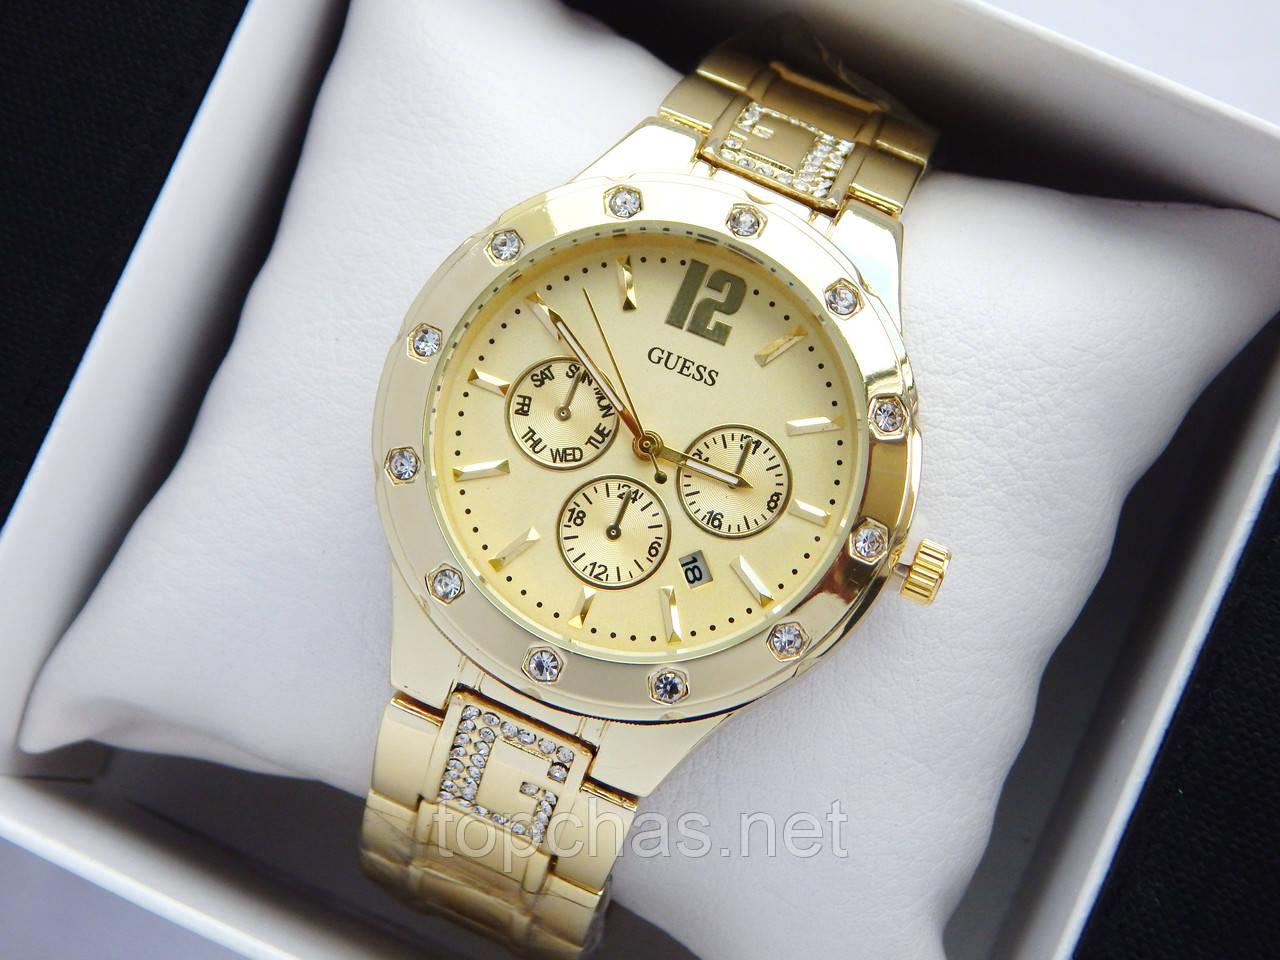 Женские кварцевые наручные часы Guess золотого цвета, хронографы, дата, фото 1